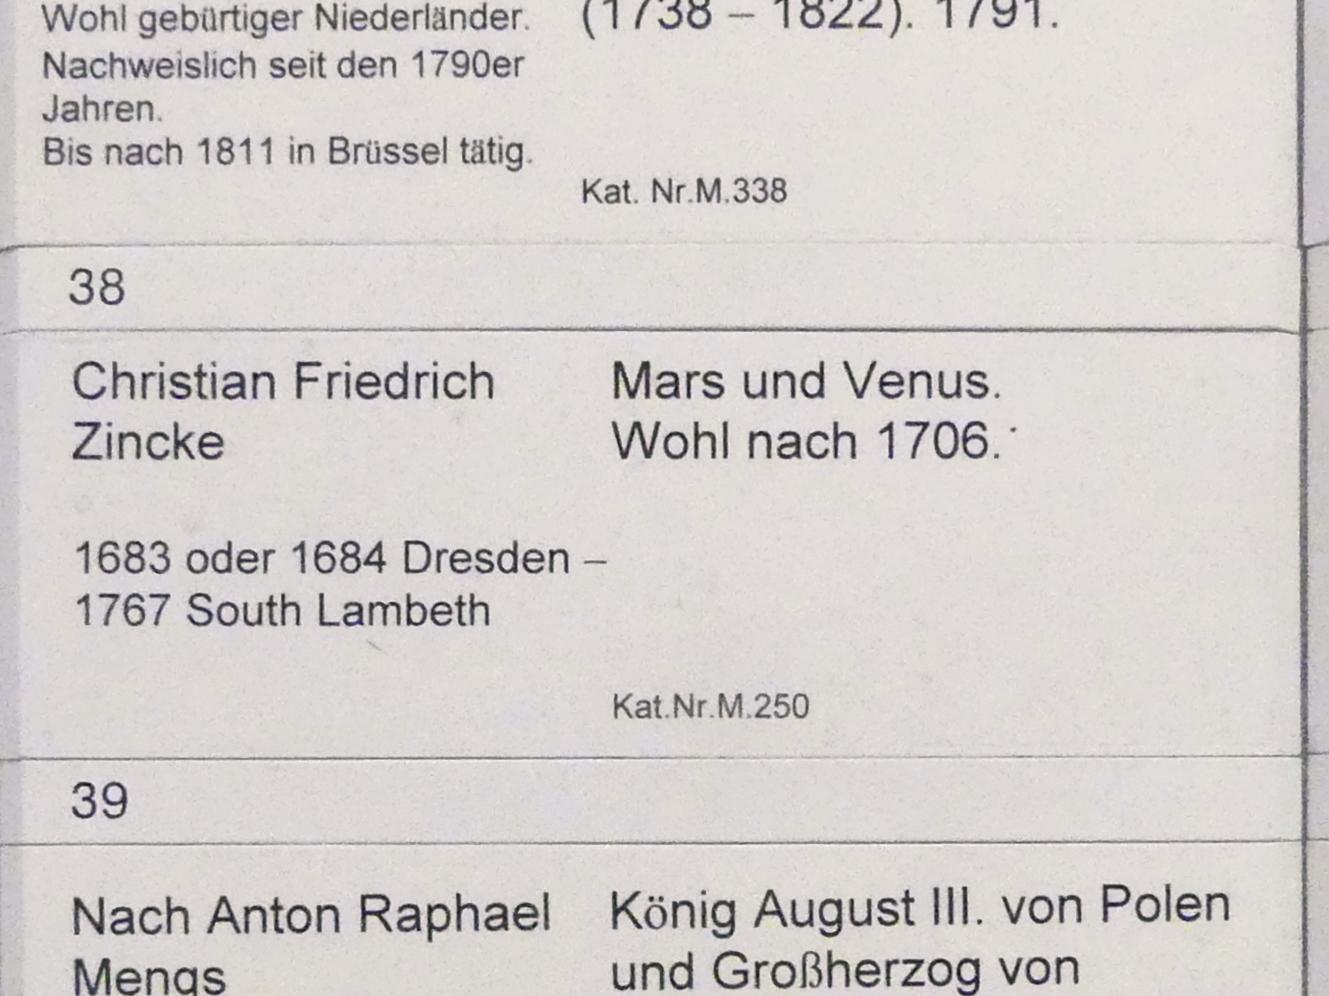 Christian Friedrich Zincke: Mars und Venus, Nach 1706